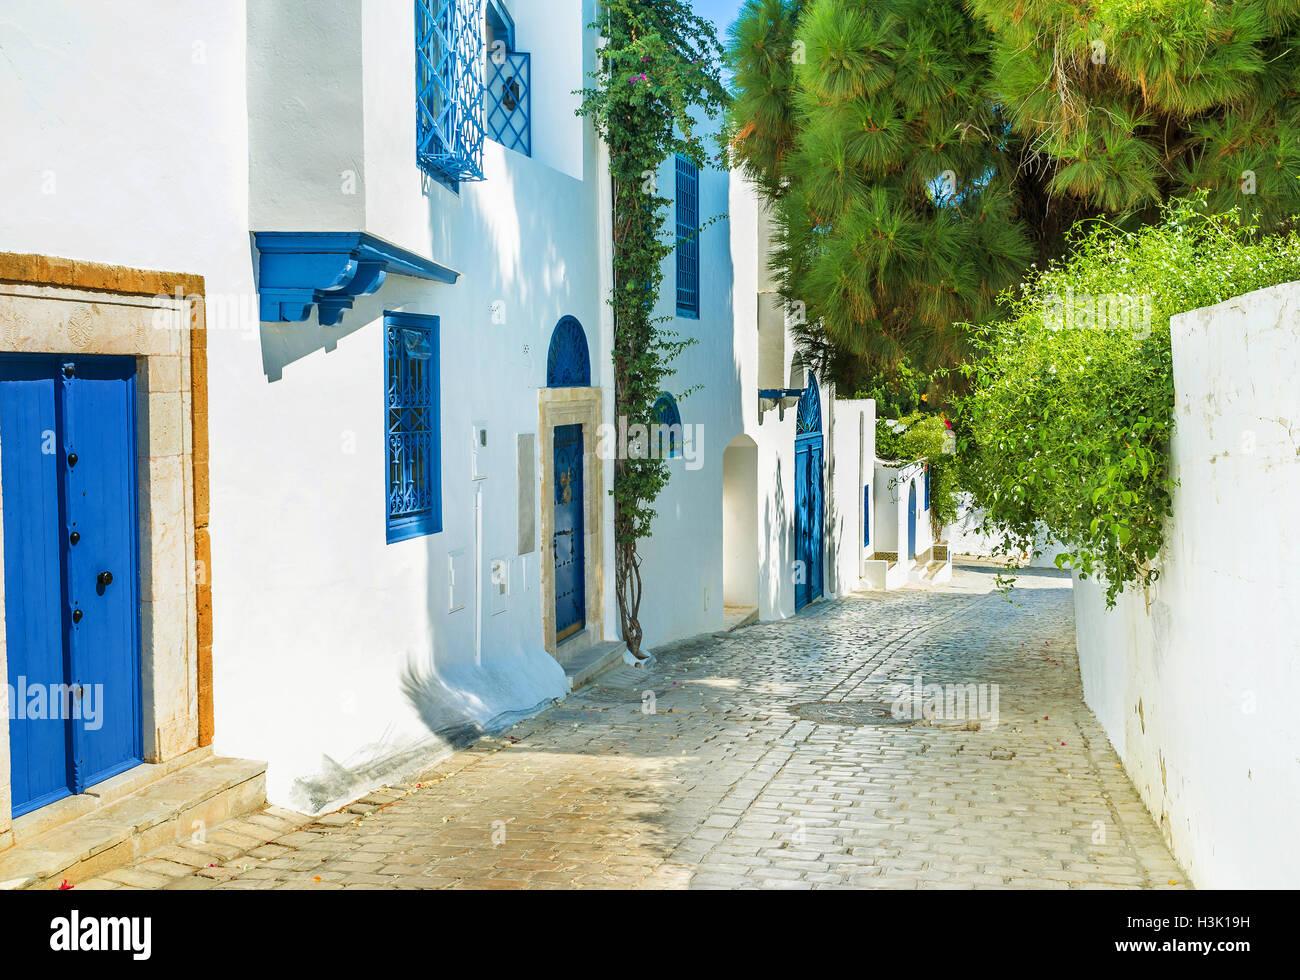 L'agréable promenade sur la rue ombragée de Sidi Bou Said avec posh villas et chalets touristiques, Photo Stock